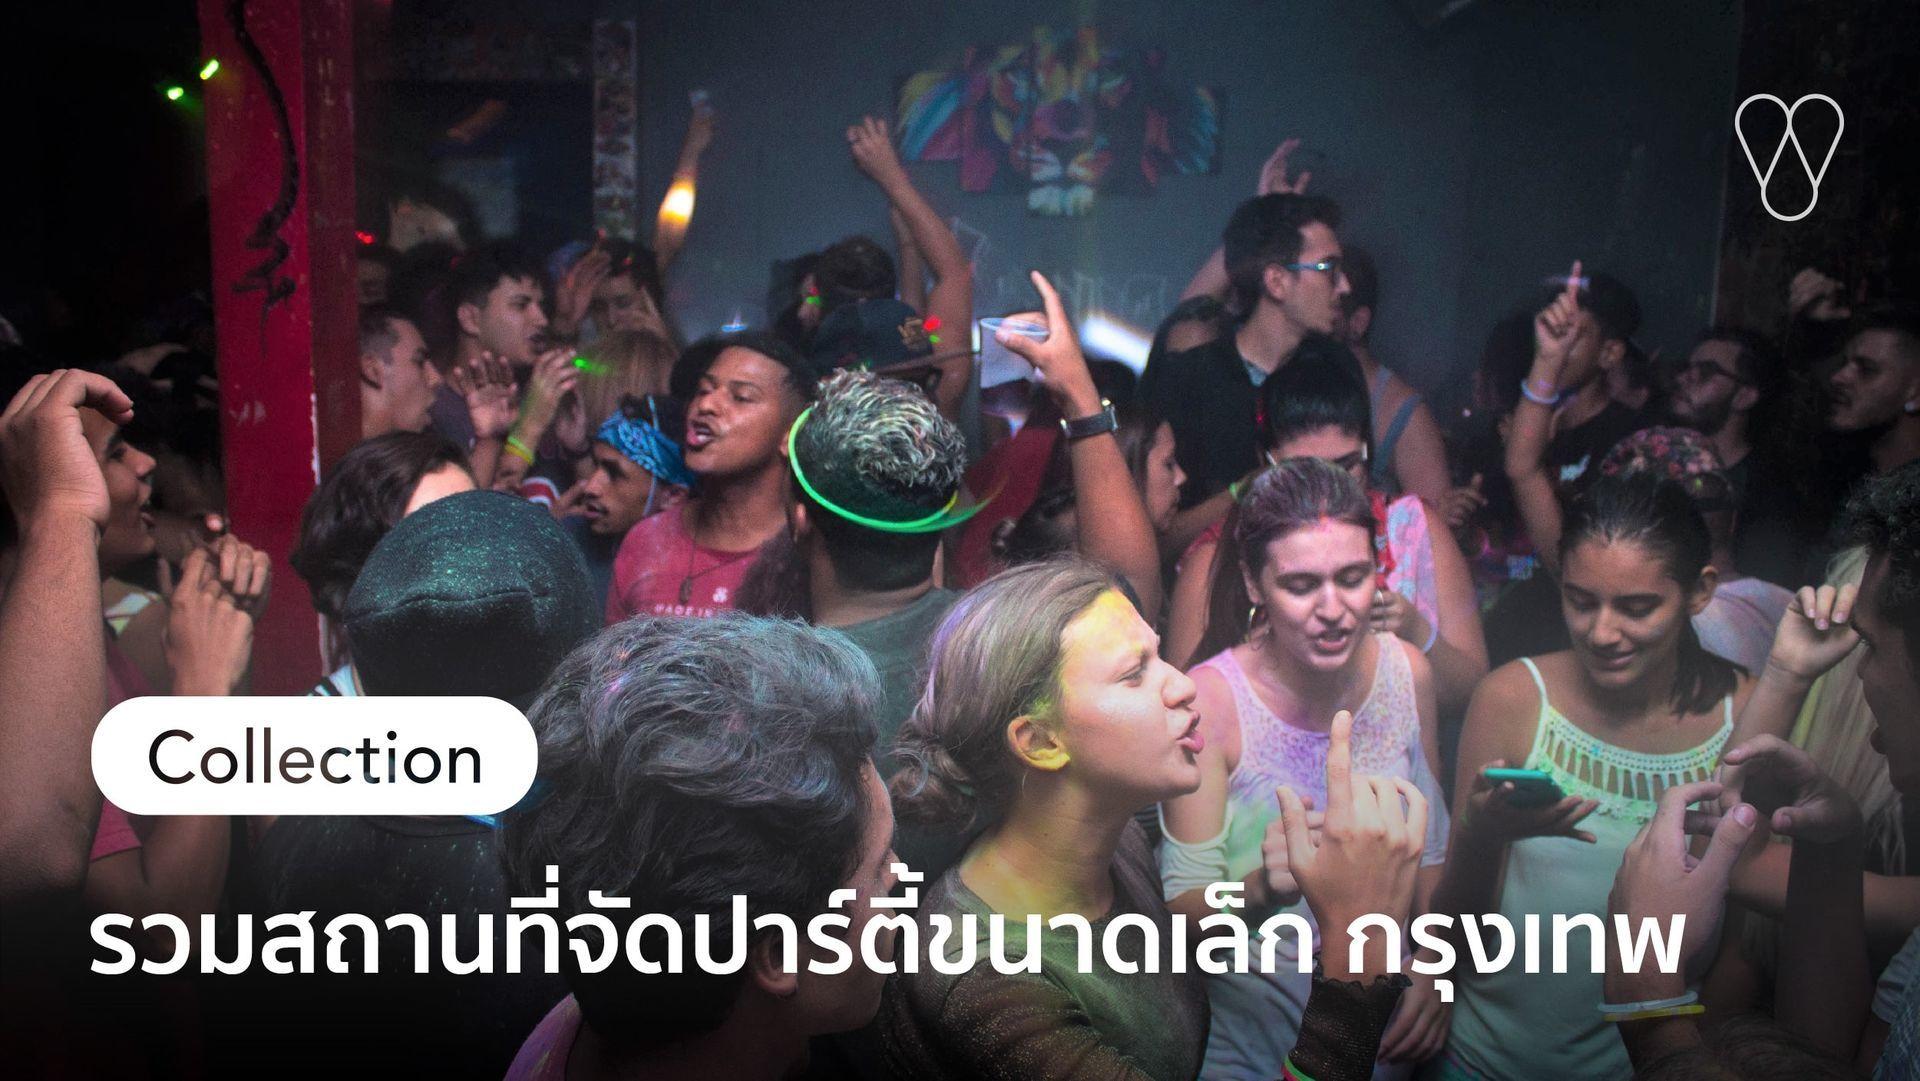 รวมสถานที่จัดปาร์ตี้ขนาดเล็กในกรุงเทพ